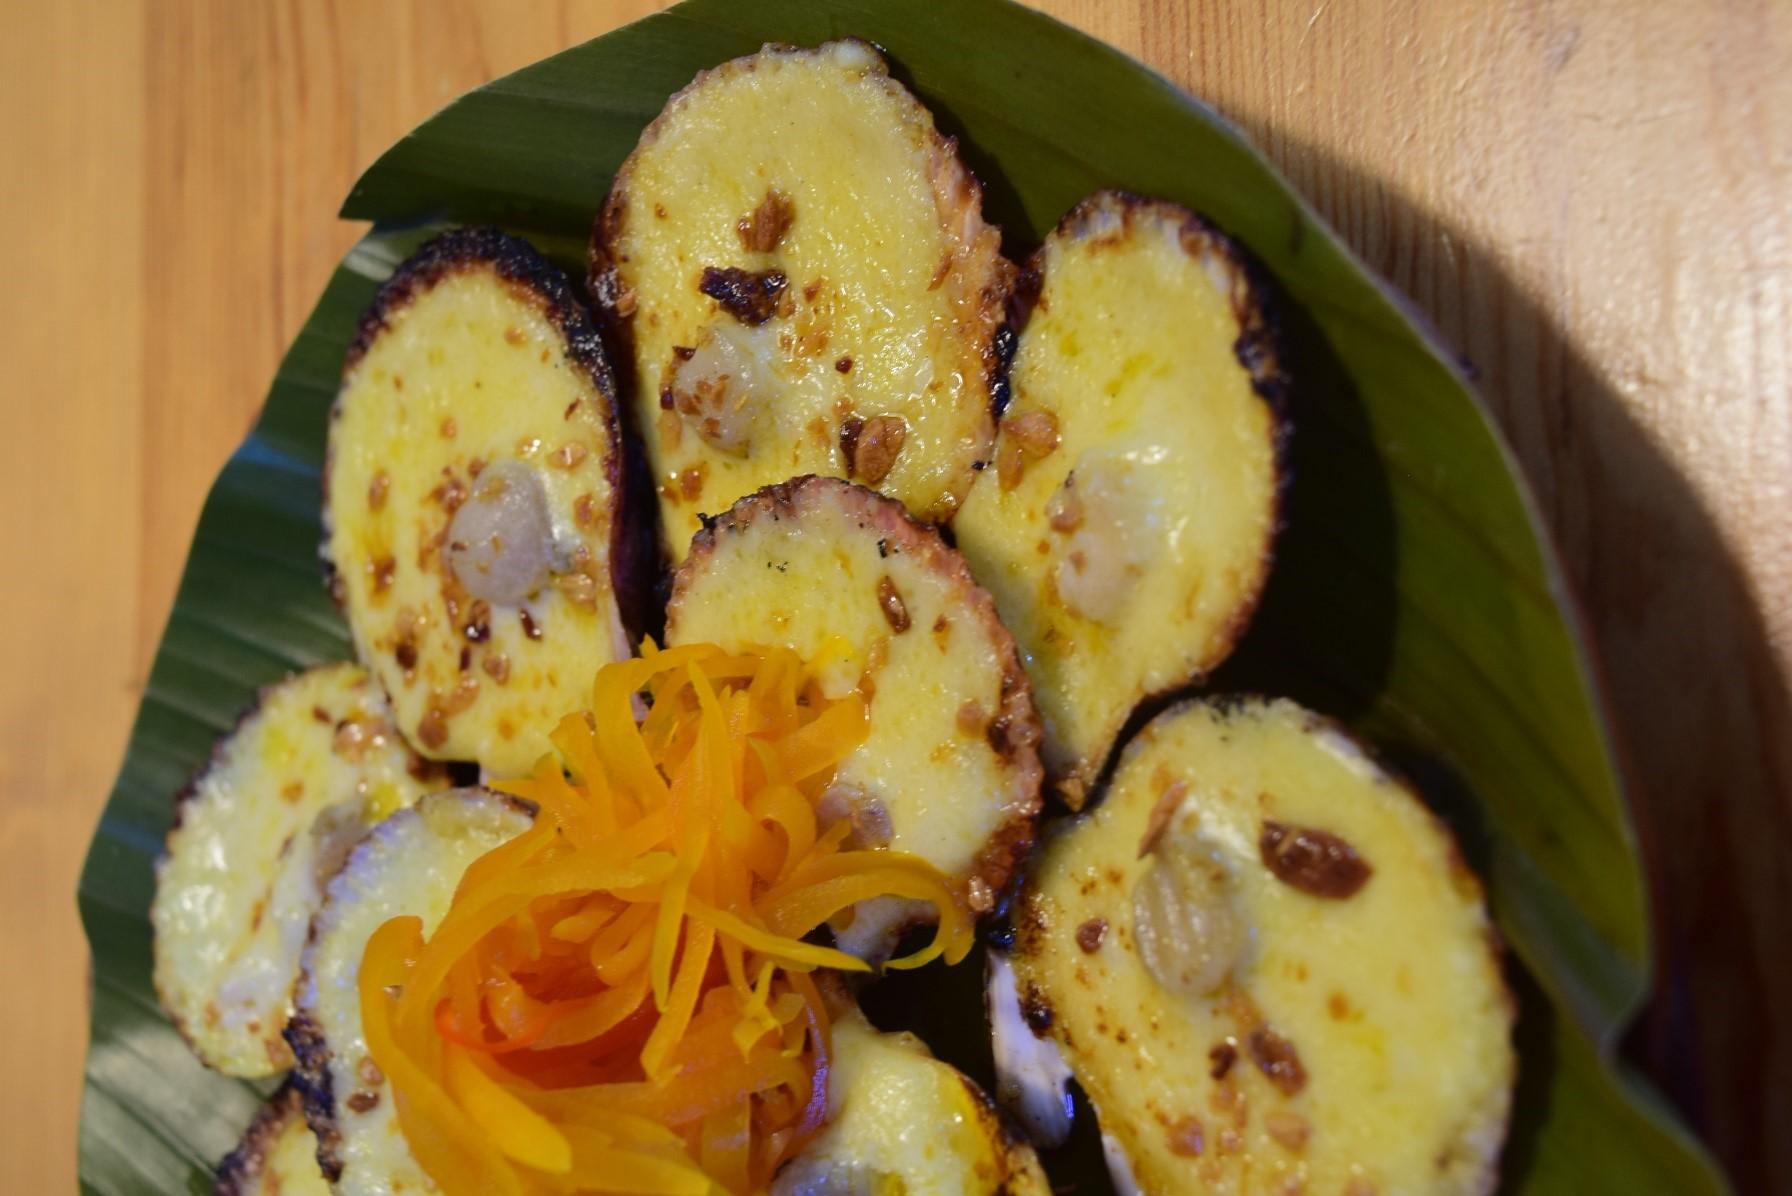 ホタテの丸焼き(P290)  セブになかなか行けないとなると、フィリピン料理が恋しくなります。 House of rechonはそんな代表的なフィリピン料理と、最高のレチョンが楽しめるので、セブに行った際は必ず訪れるリストに入ります!  またレチョンを自由に味わえる日を楽しみに、これからもセブのレストランの現状をご紹介していきます!!